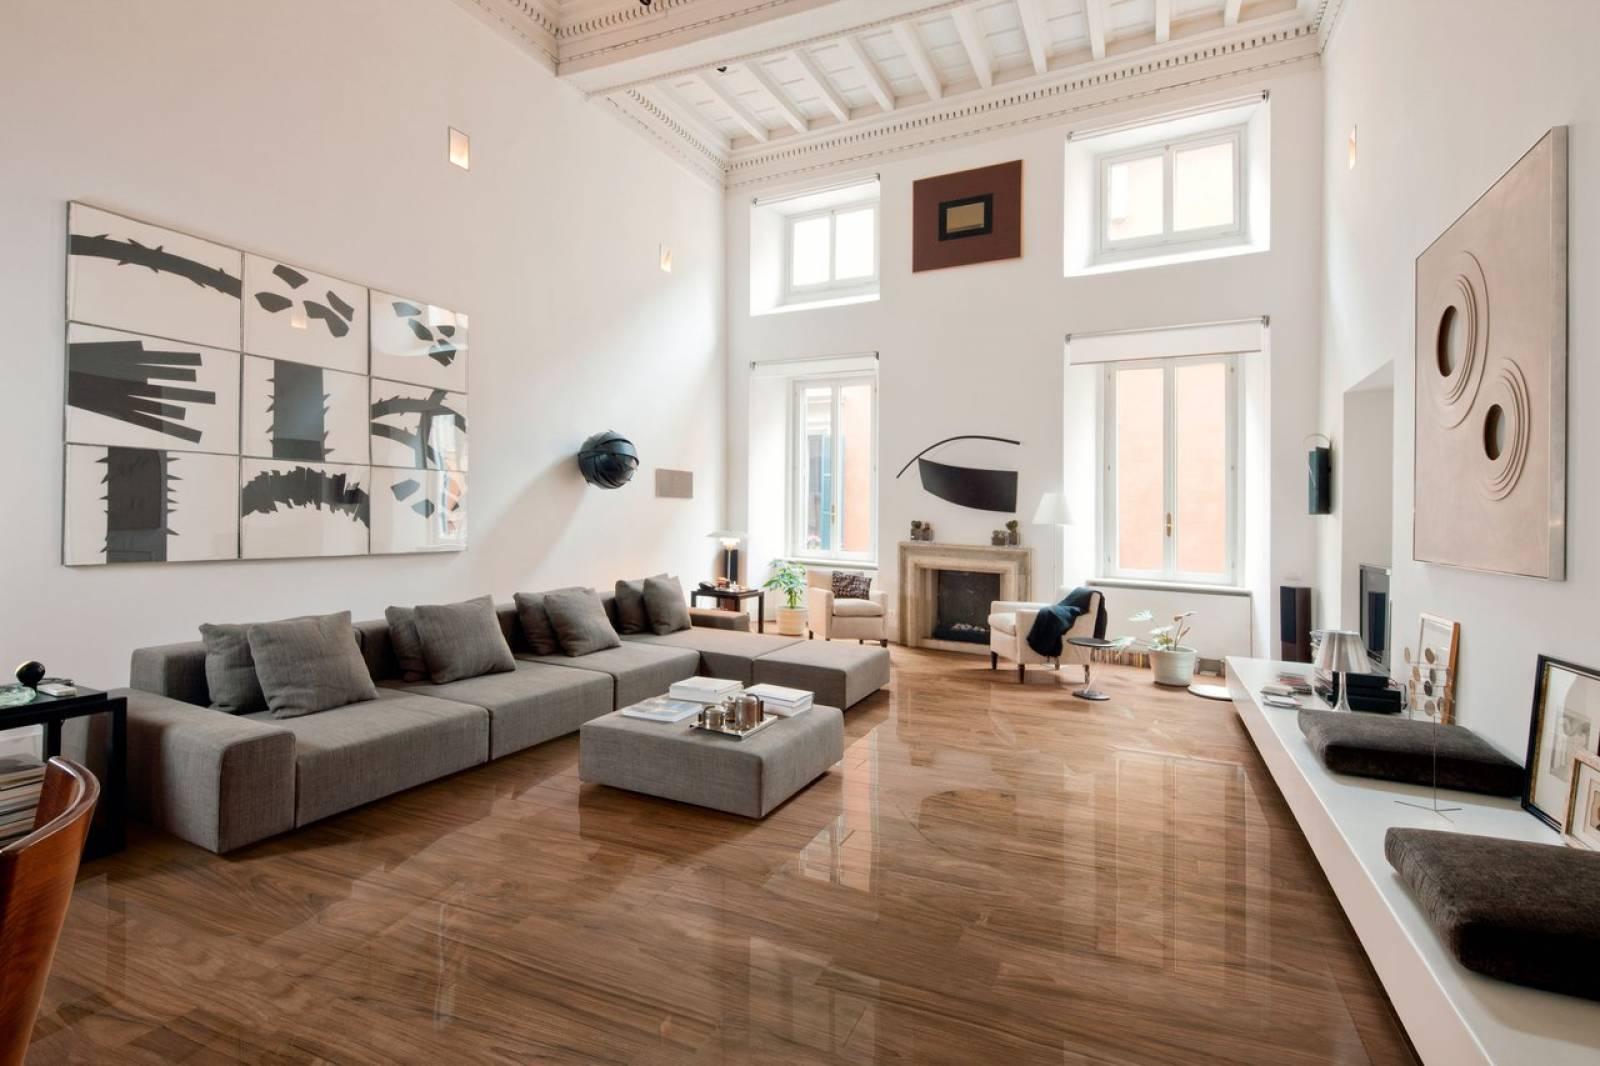 Carrelage Sol Interieur Renovation carrelage de sol intérieur en imitation bois rectifié